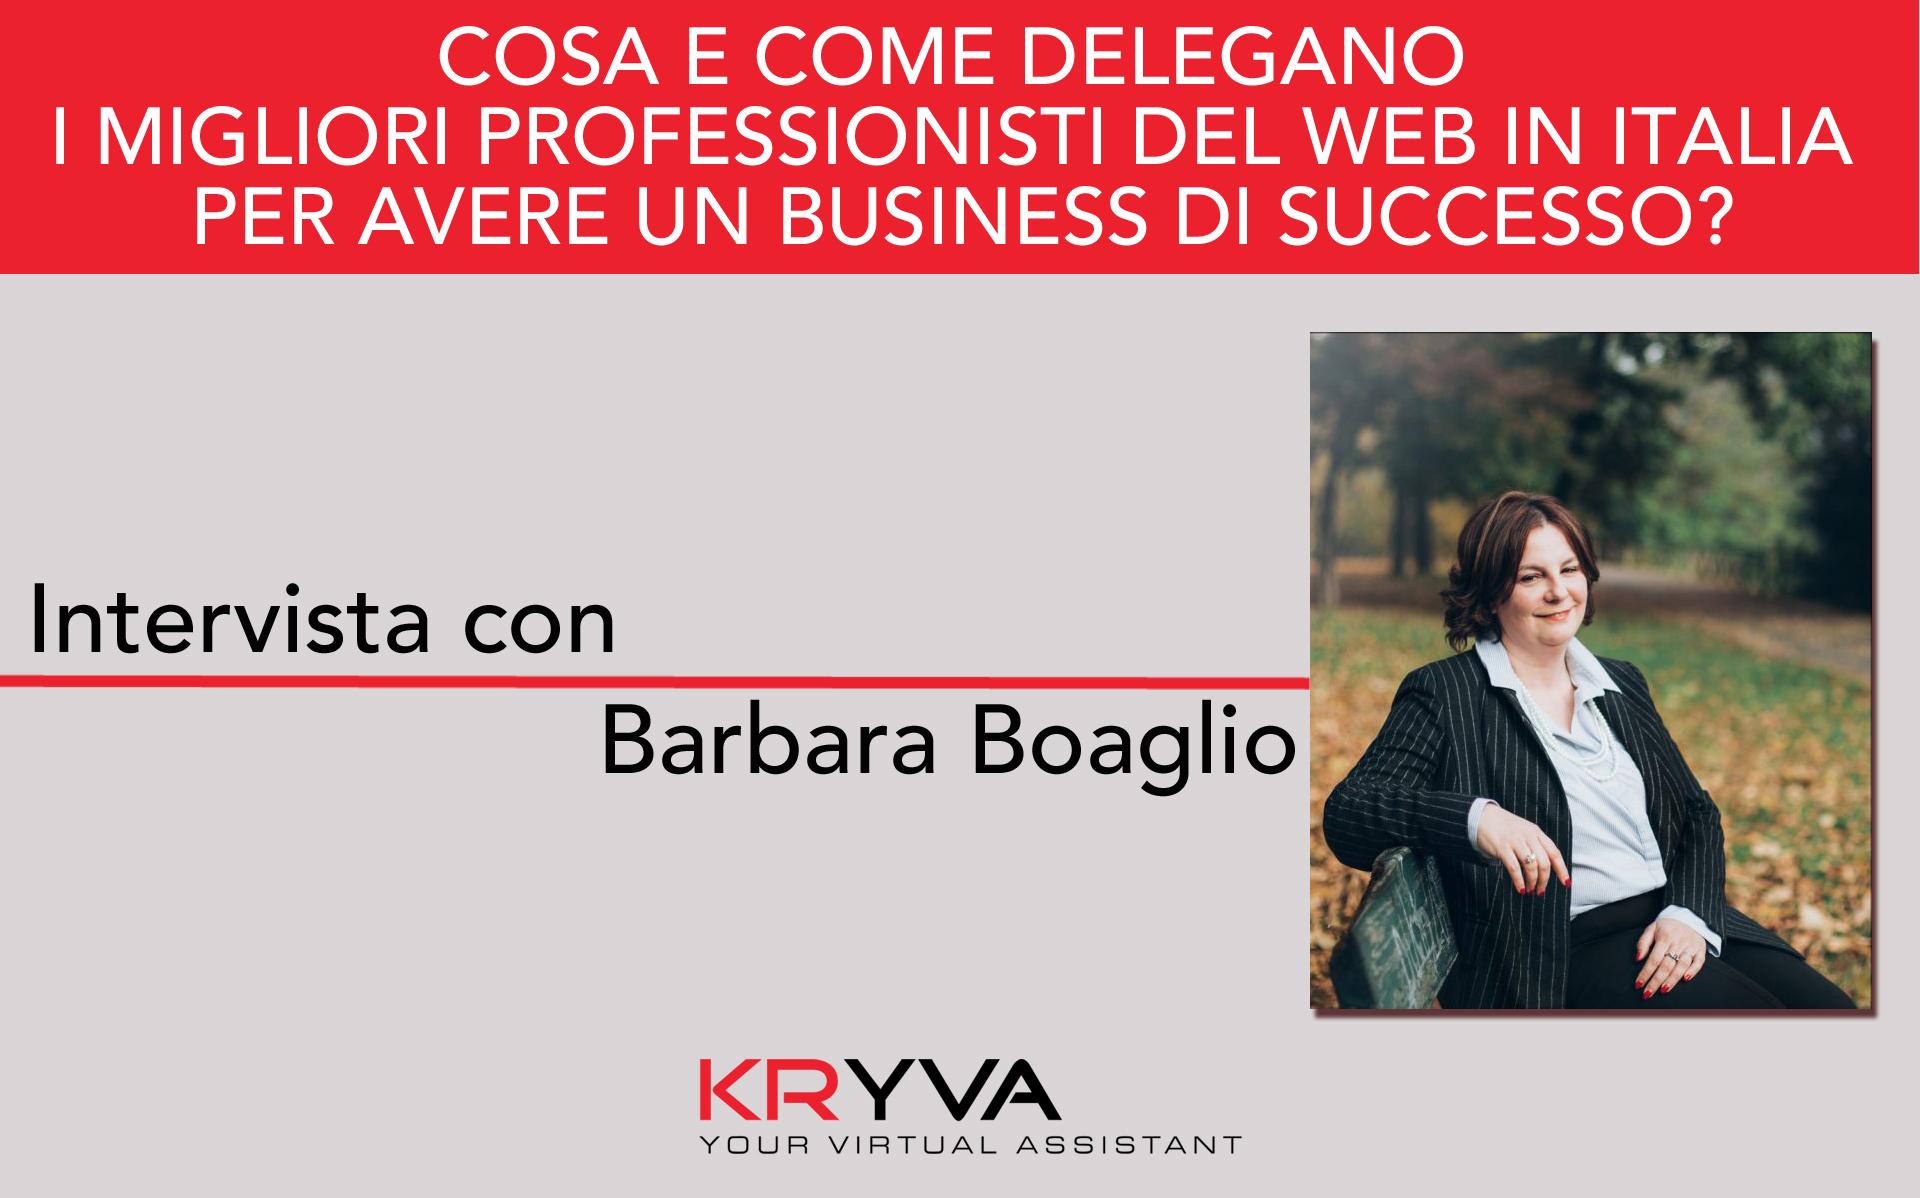 La condivisione dei valori nella delega | Intervista con Barbara Boaglio